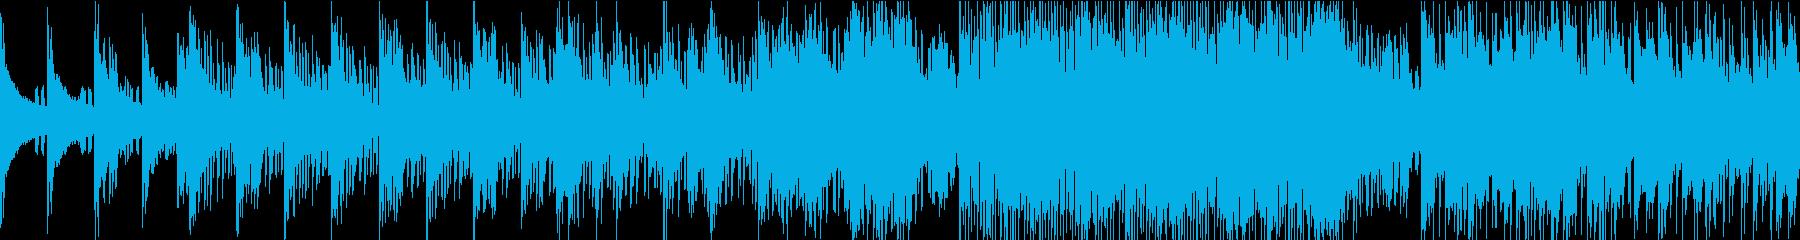 クールな疾走感あるエレクトロループBGMの再生済みの波形